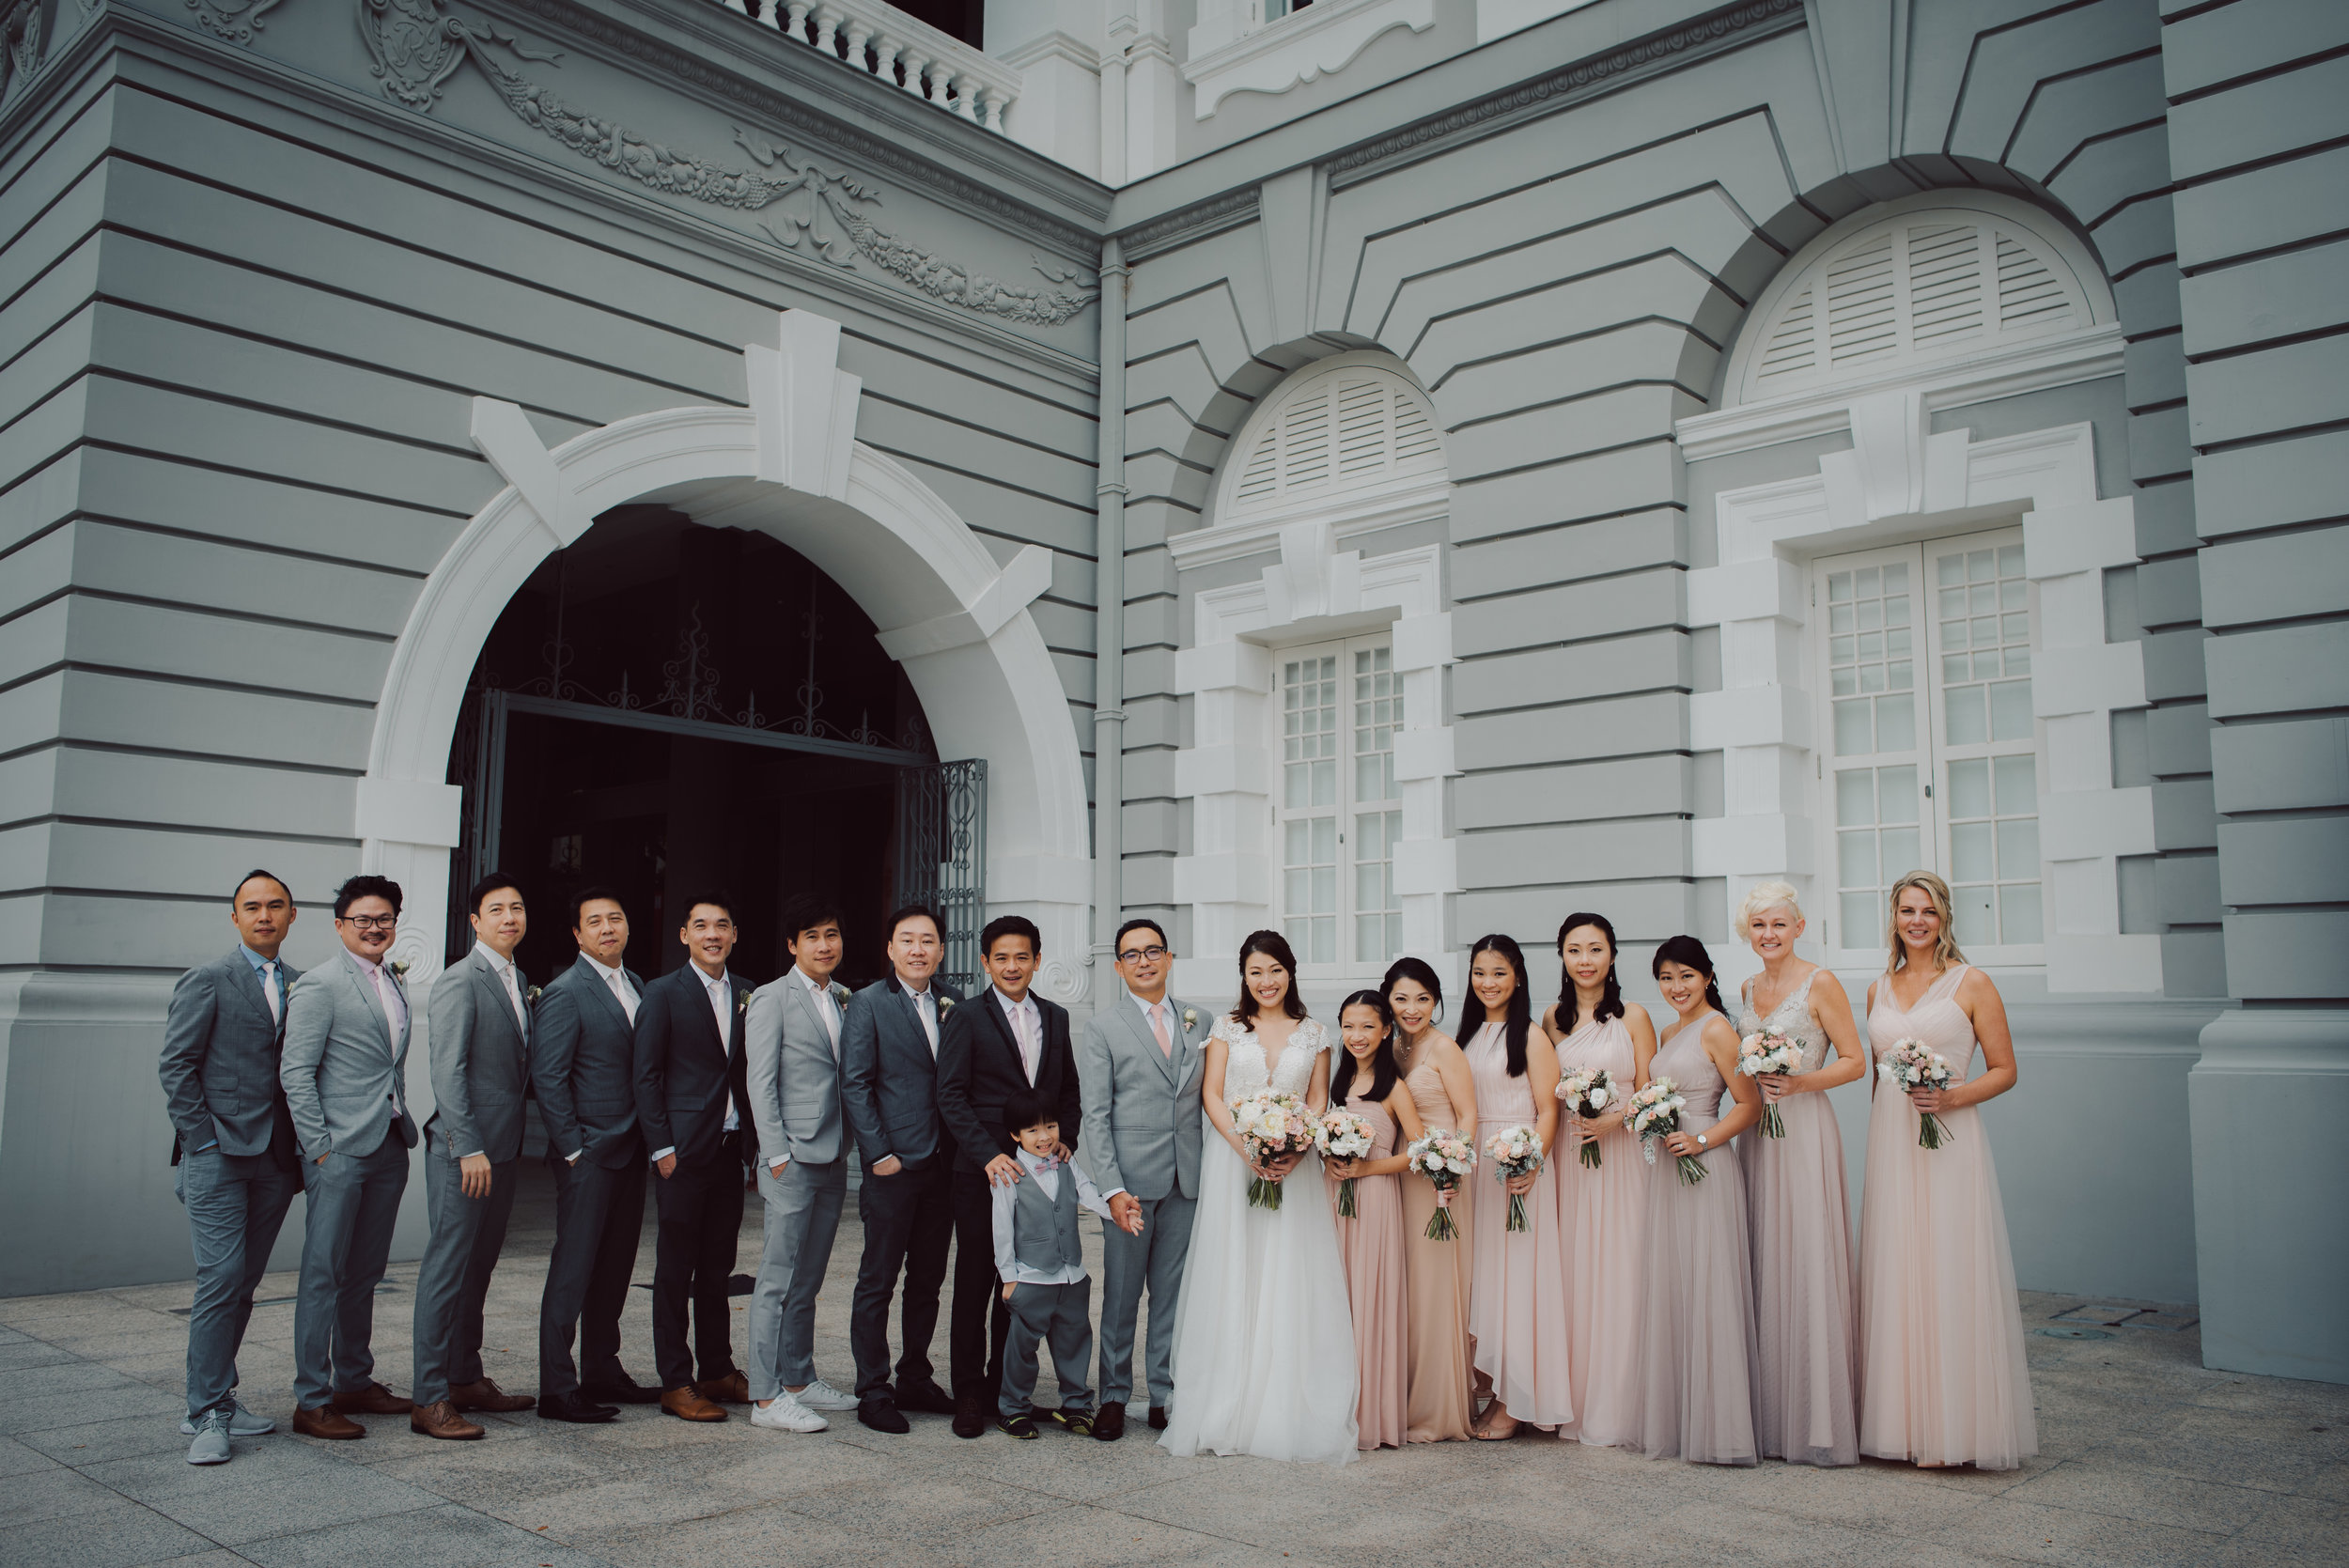 Germaine & Bridesmaids - 6.jpg